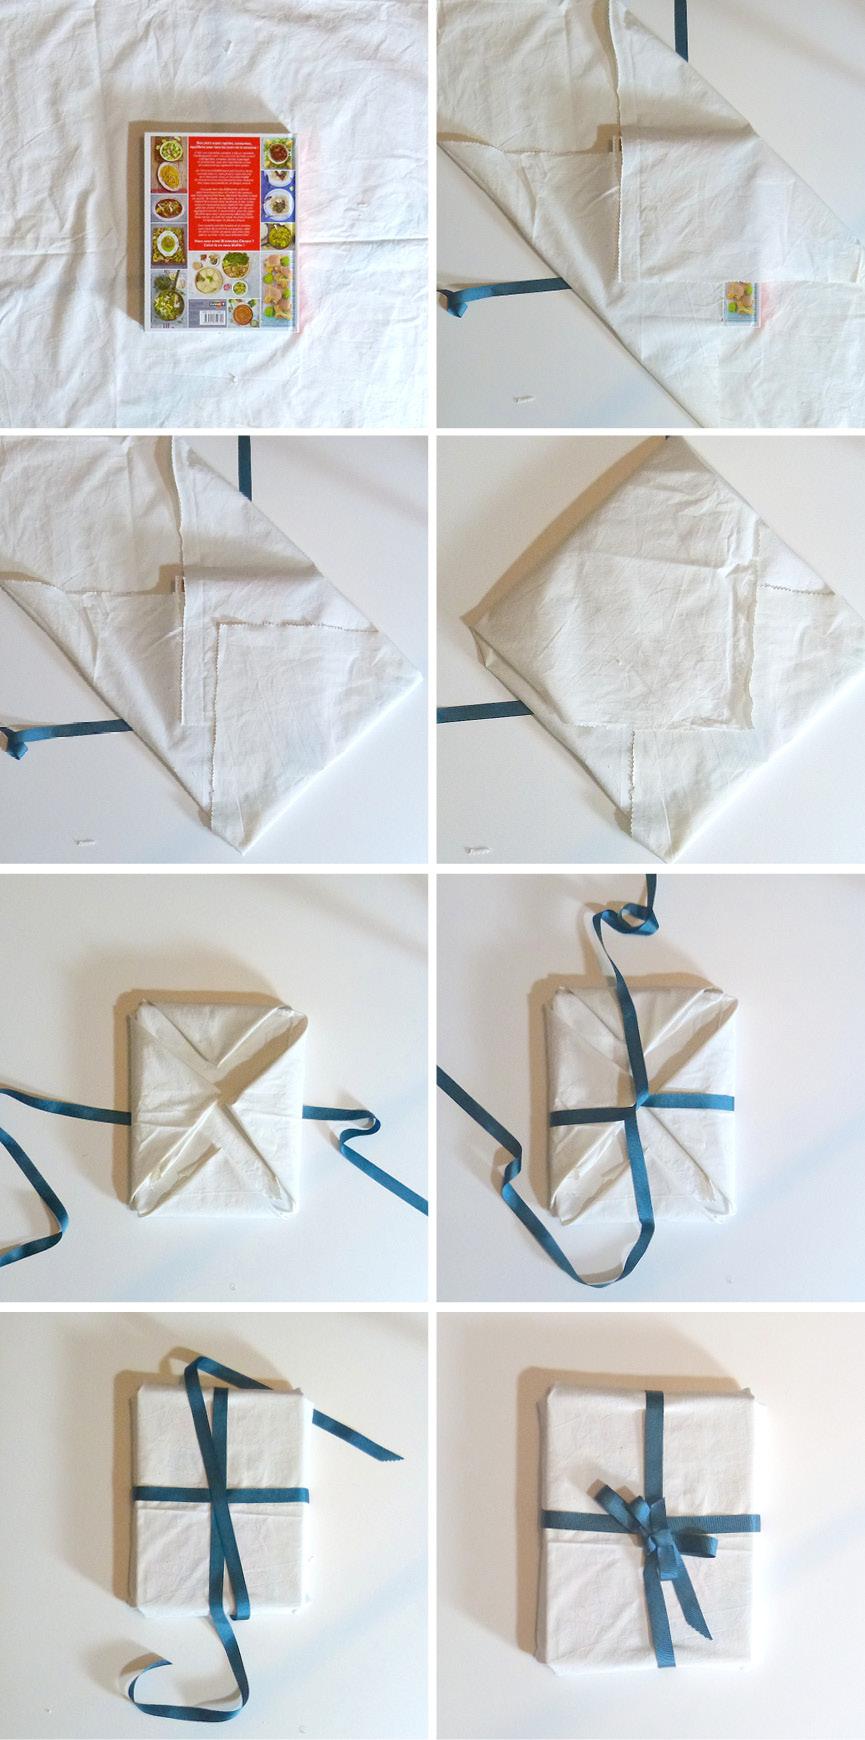 Furoshiki wrapping techniques